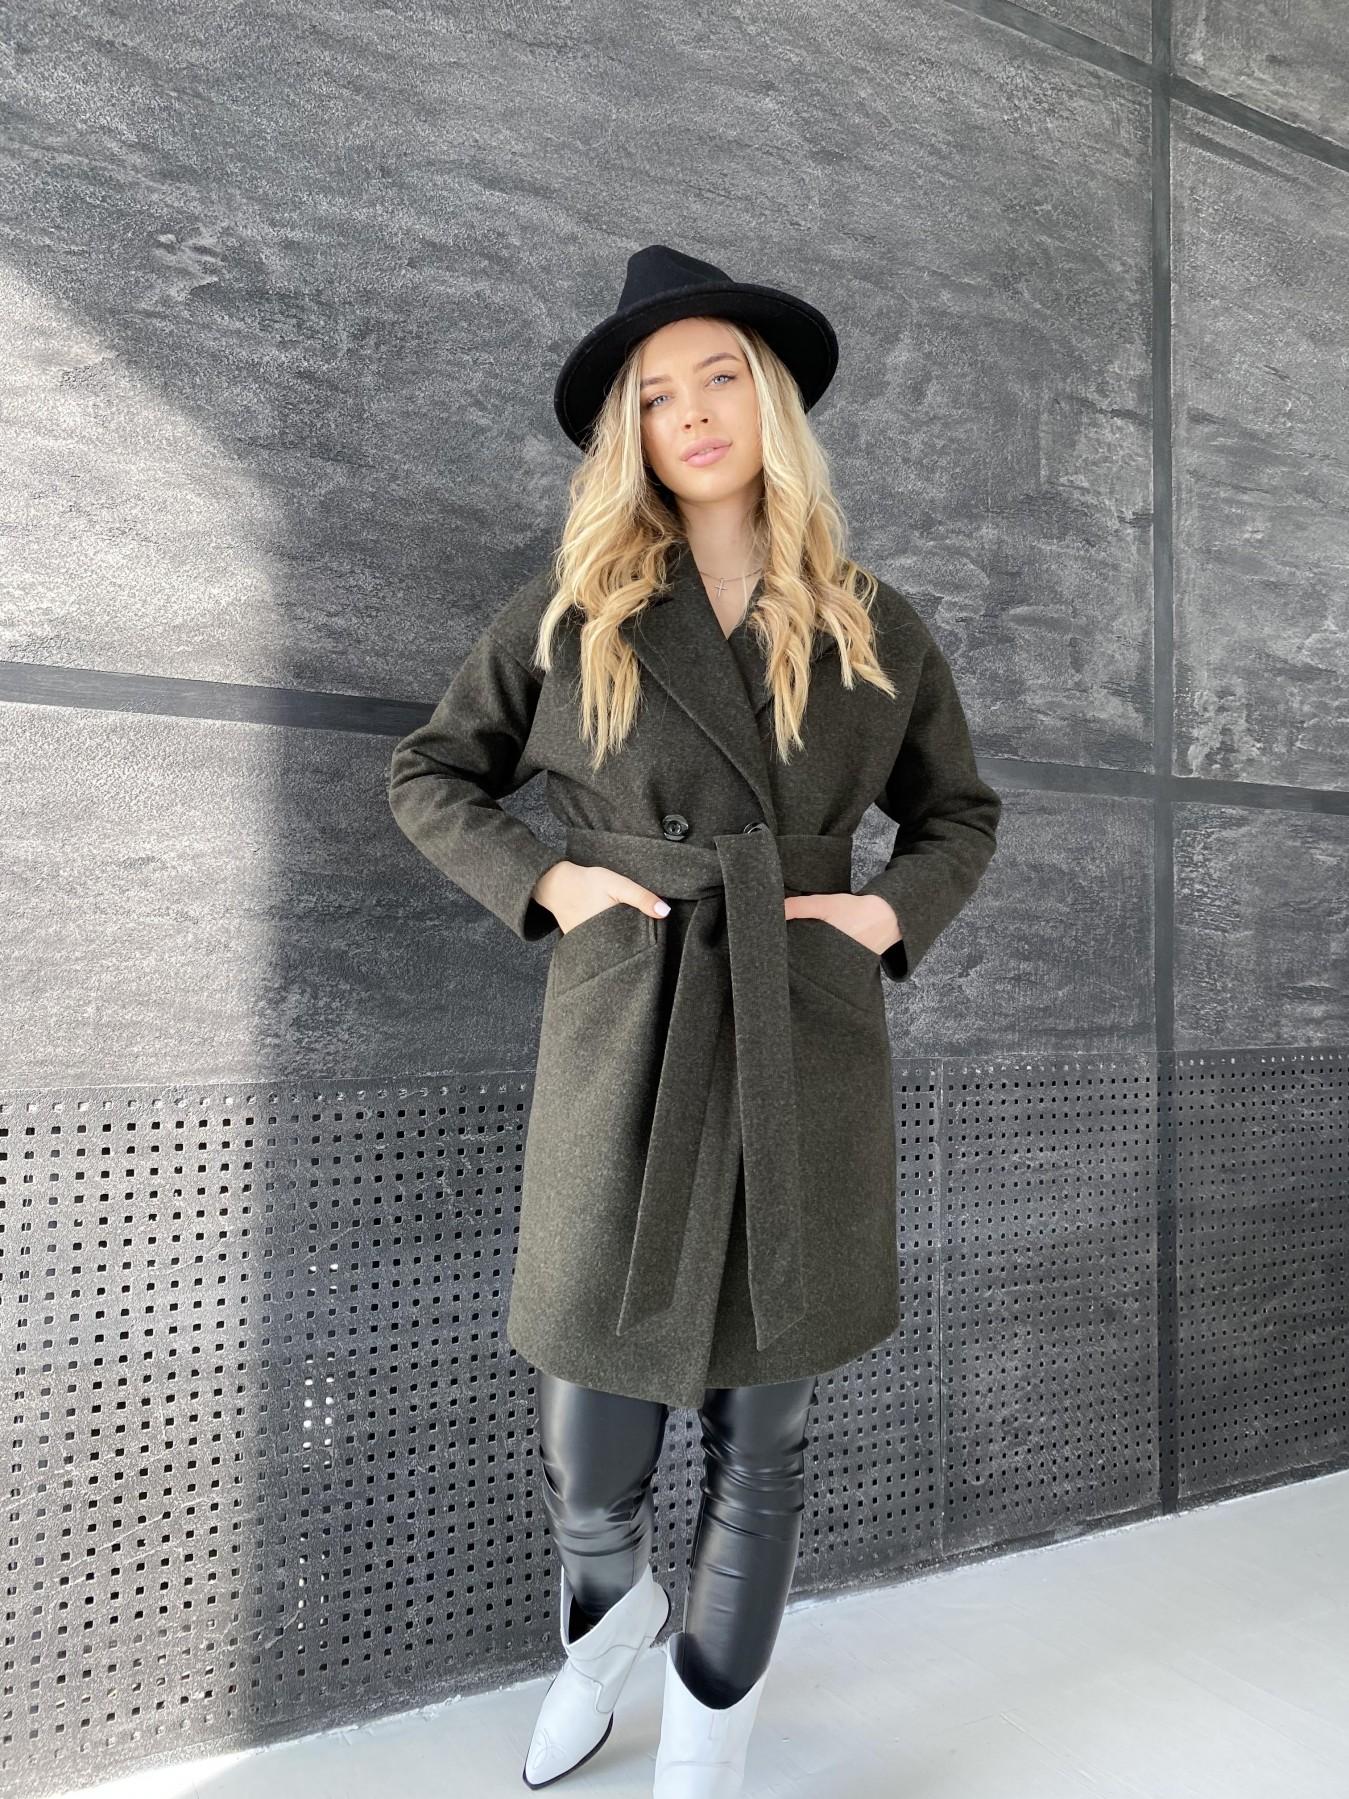 Сенсей пальто из кашемира меланж  10745 АРТ. 47231 Цвет: Хаки - фото 5, интернет магазин tm-modus.ru